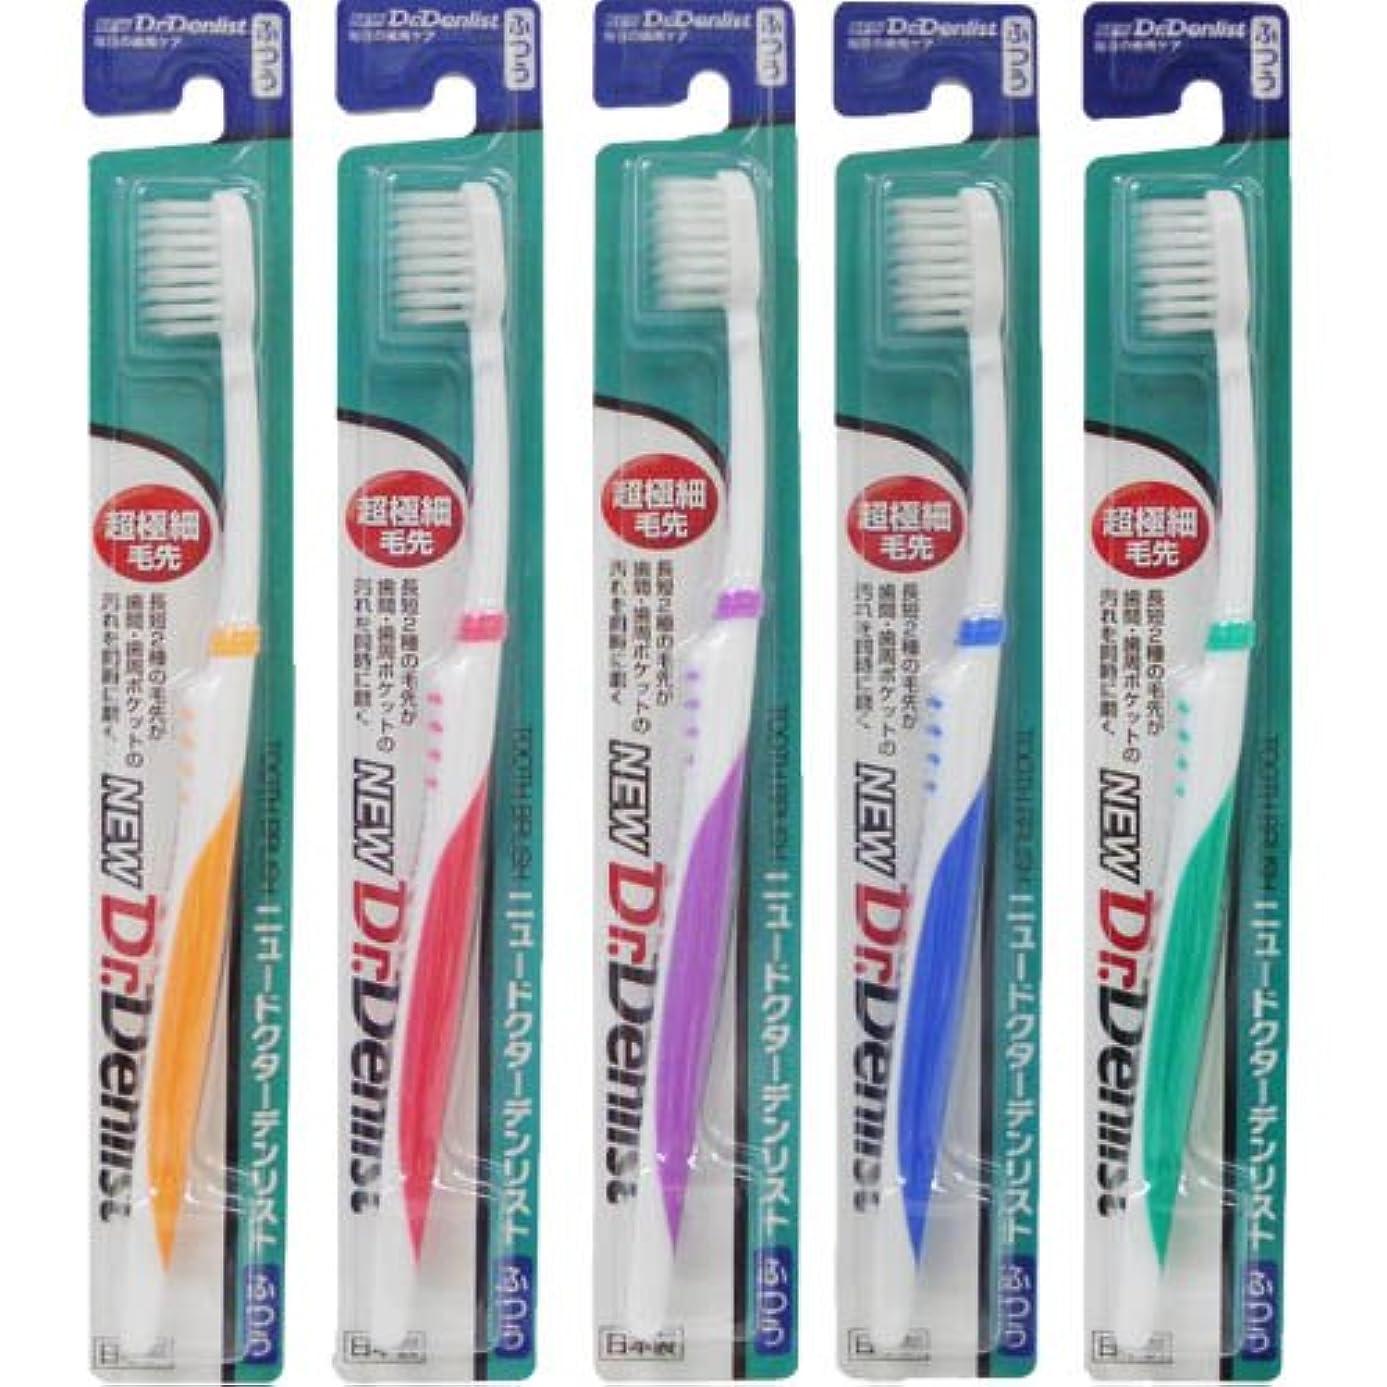 装備する毎回New Dr.Denlist 歯ブラシ 超極細毛先 ふつう 12本セット(クリエイト)